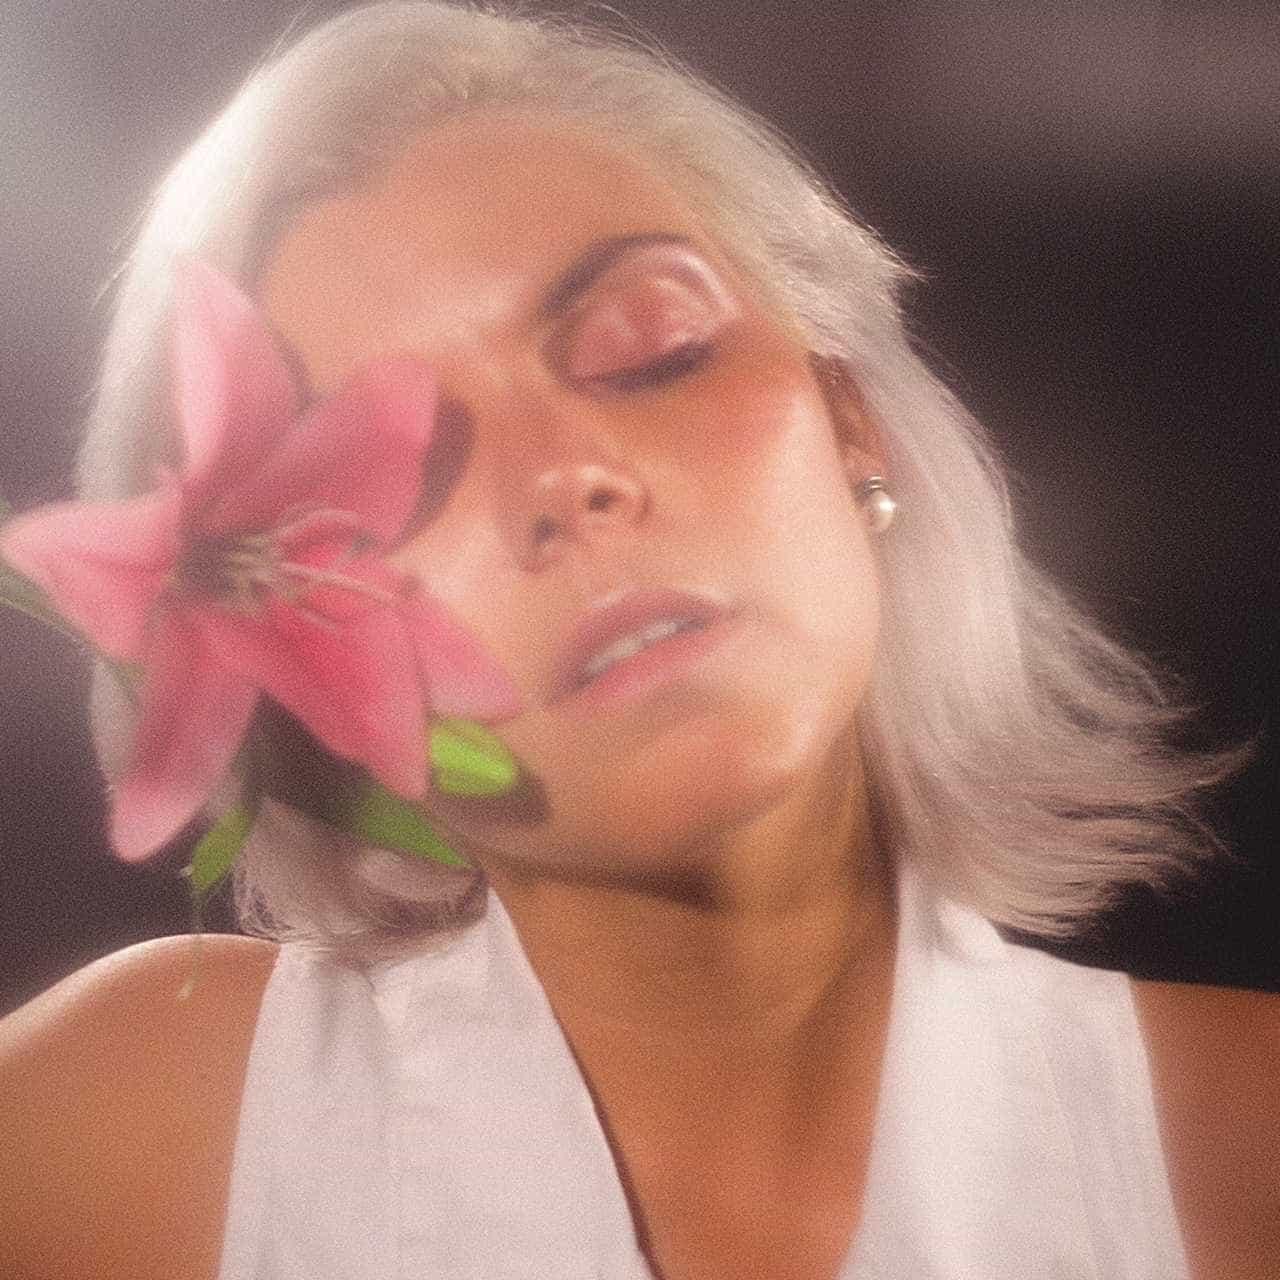 Projeto cultural que promove artistas mulheres estreia em agosto no Rio